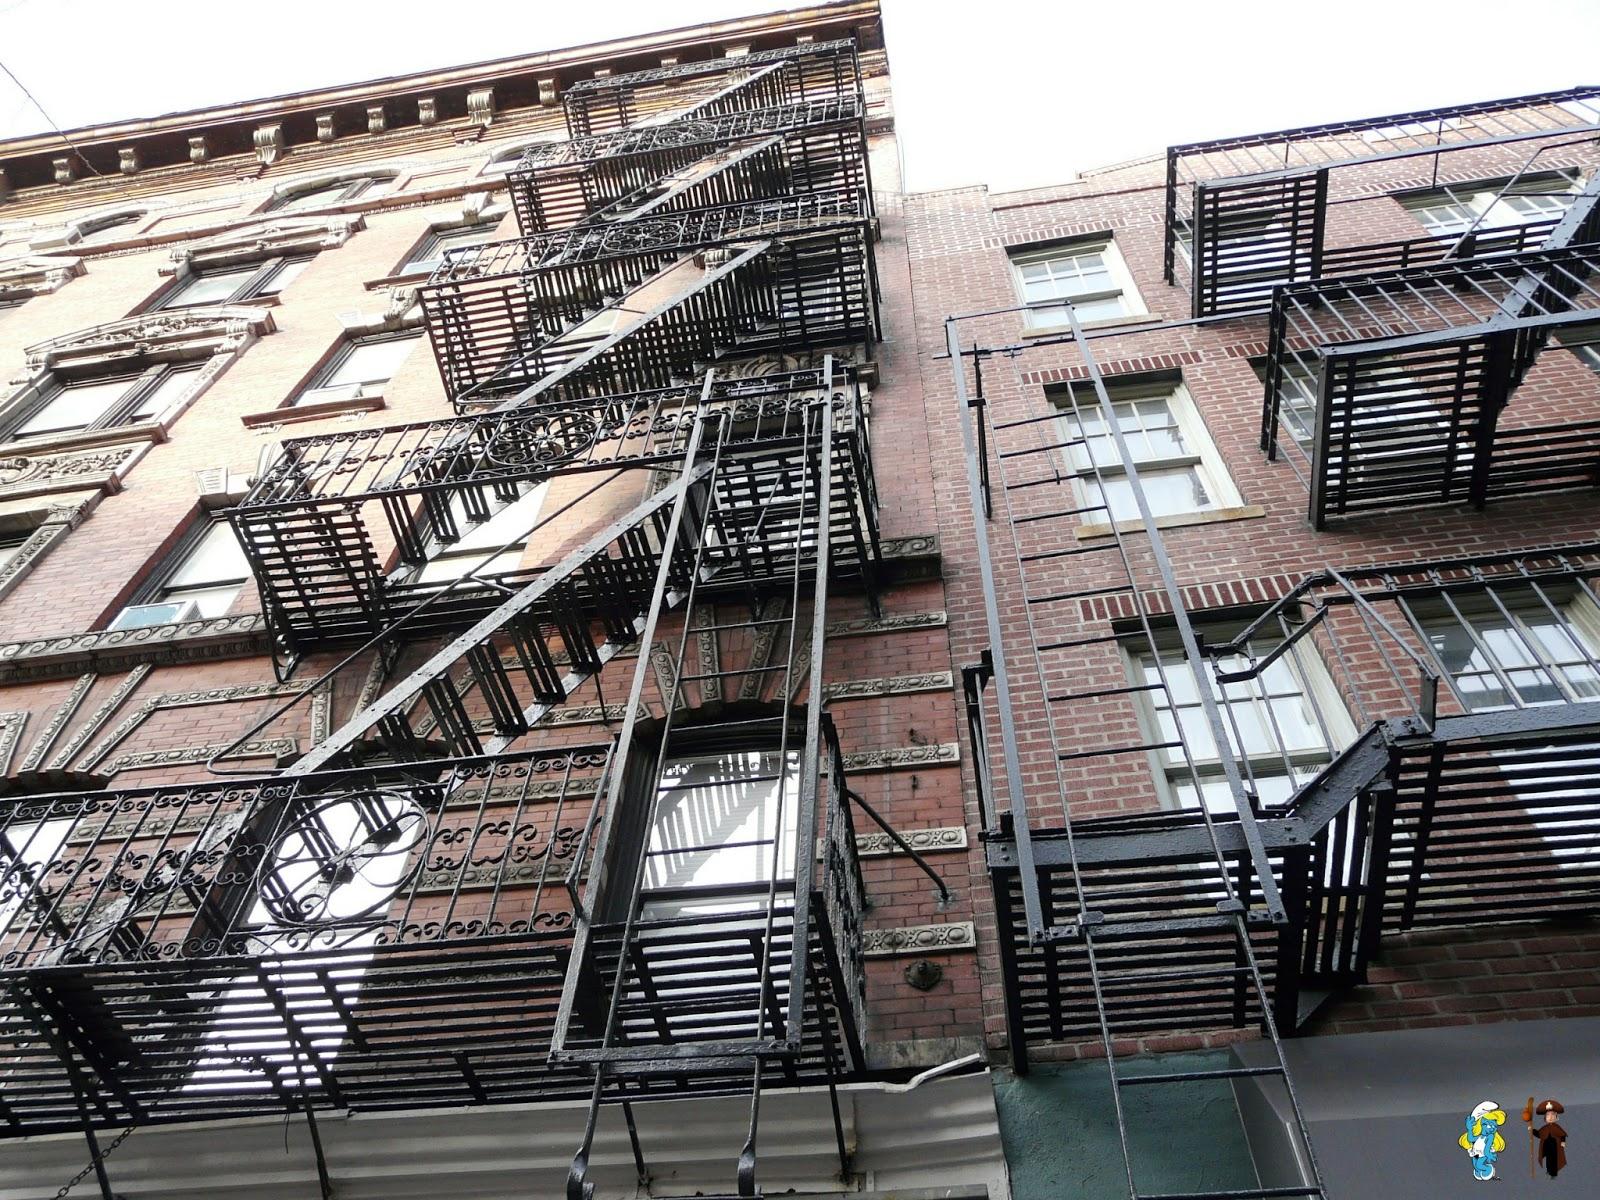 http://3.bp.blogspot.com/-QaxIOrj0uFE/URZhJDd-ULI/AAAAAAAARDg/yjIOTCRUJ90/s1600/SOHO+NUEVA+YORK.JPG